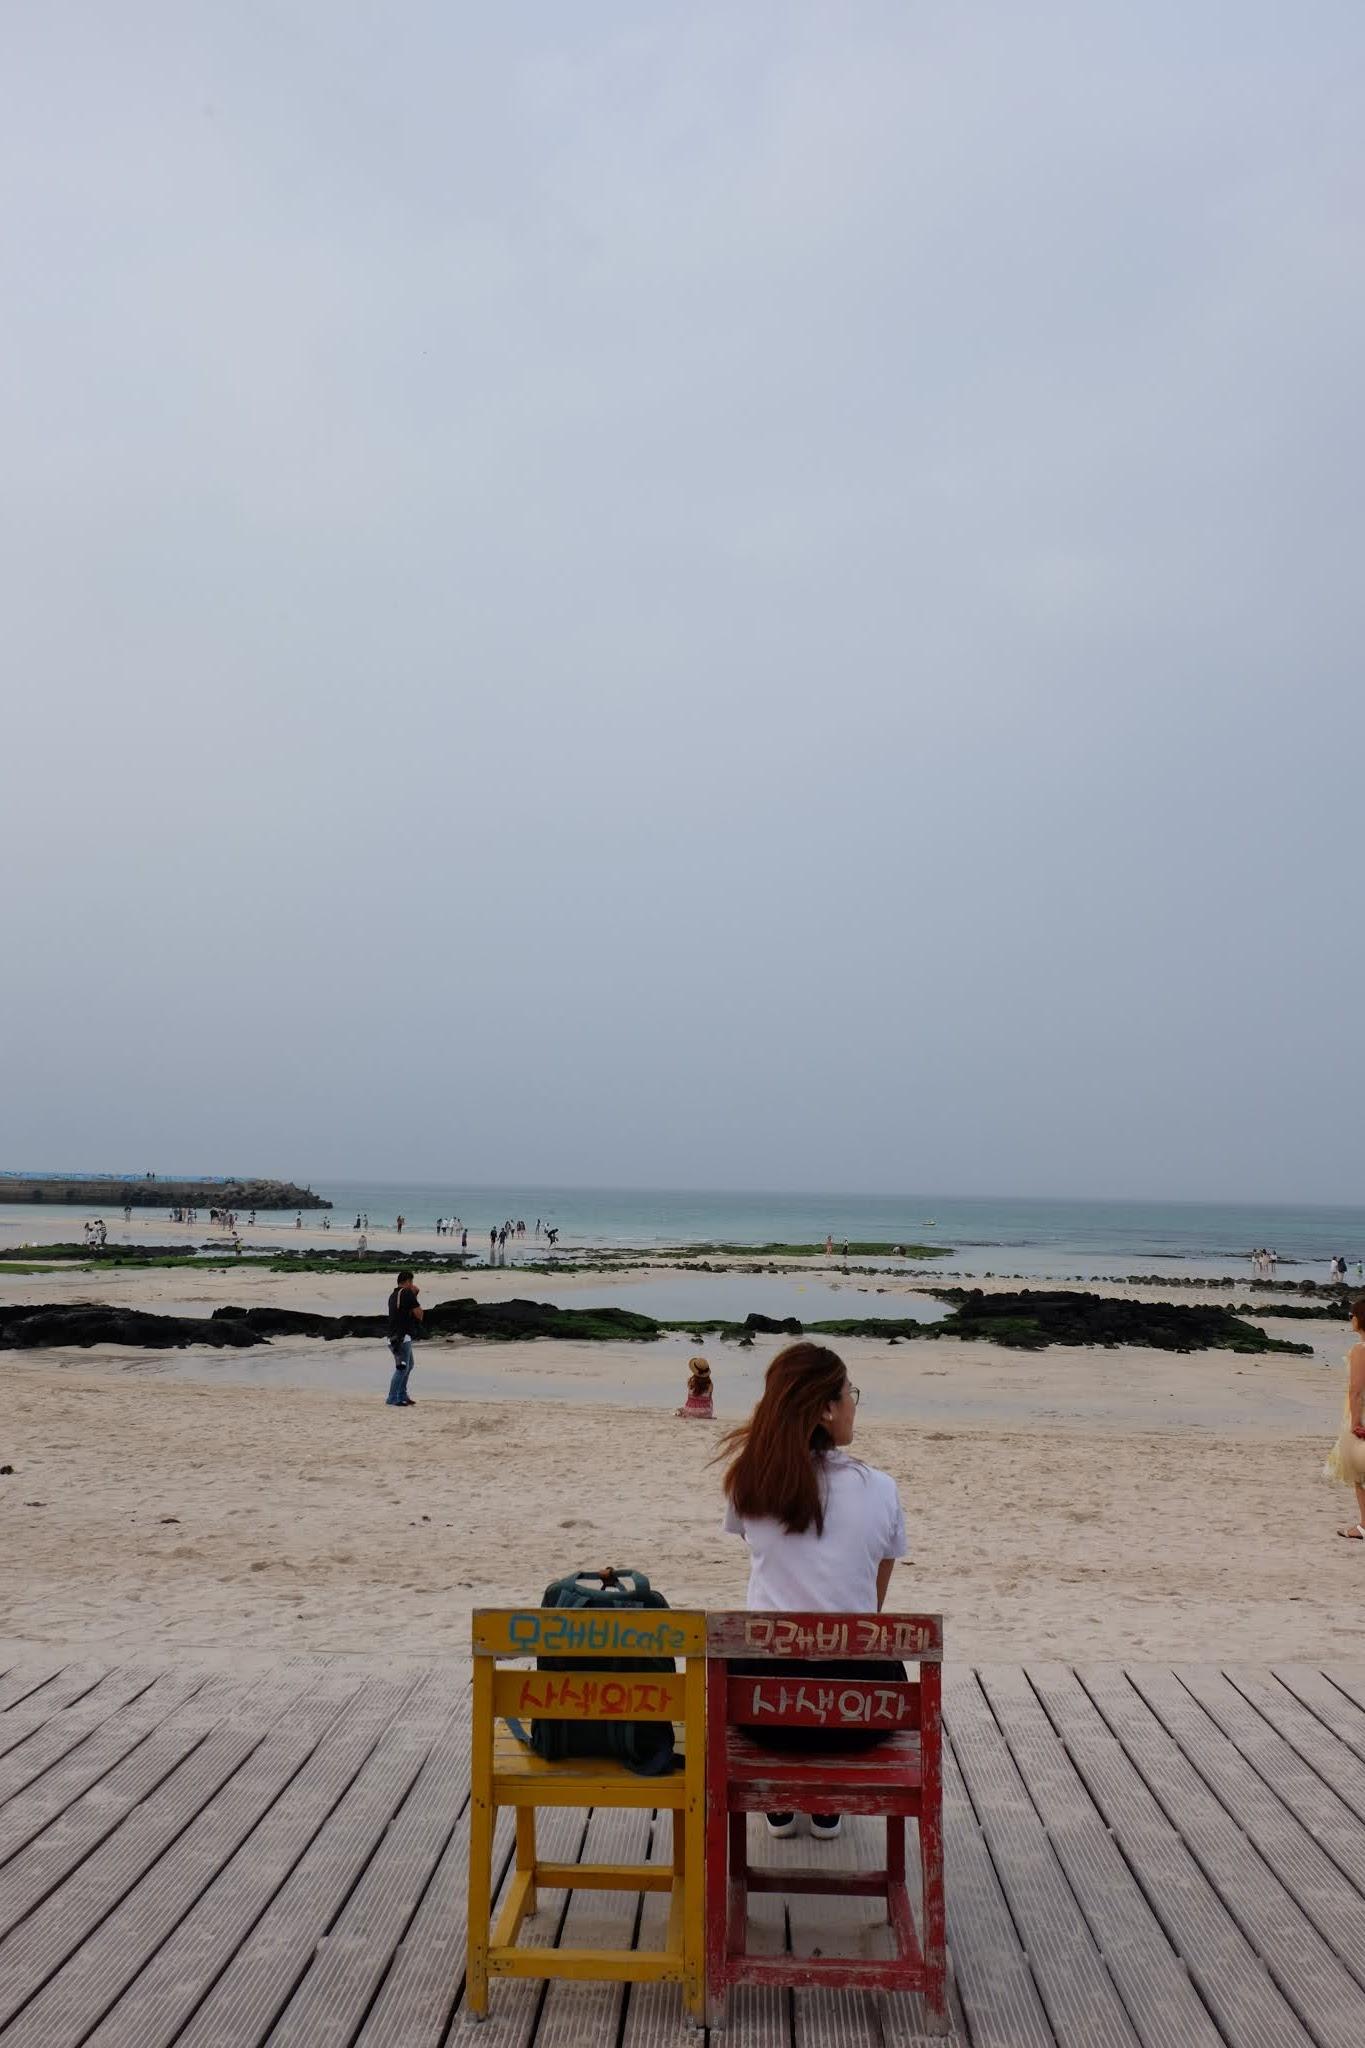 travelandeatwithtt: 【濟州景點】海邊文青咖啡店拍照散步聖地:月汀里海邊 월정리해변